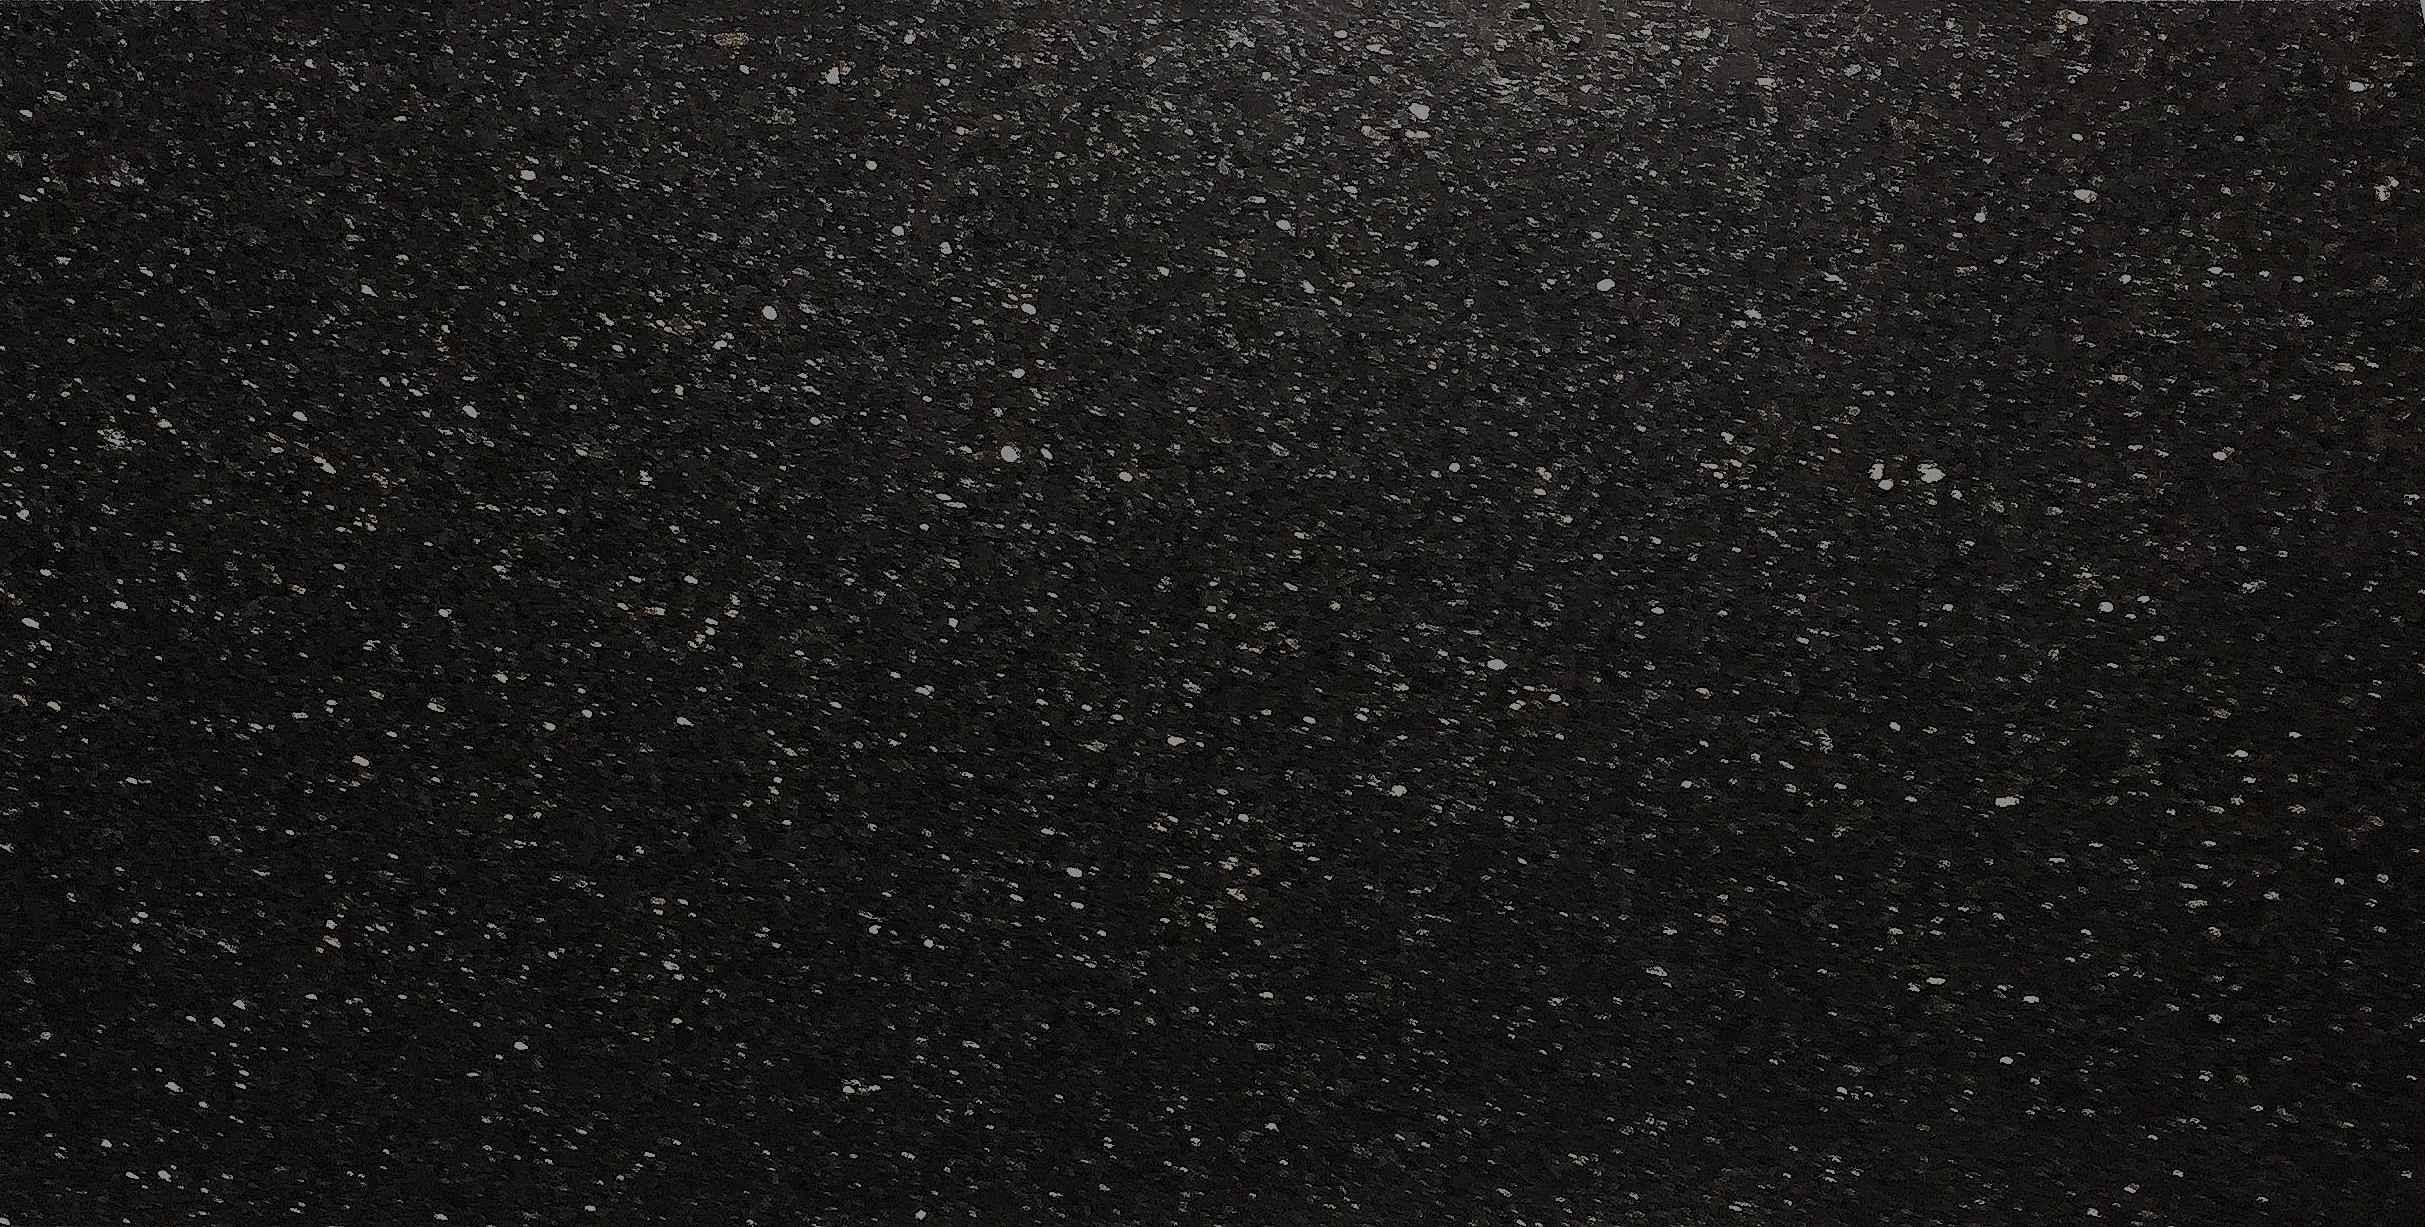 Star Galaxy Granit Bodenfliese Poliert 30,5x61x1 cm | Fliesenmarktborken